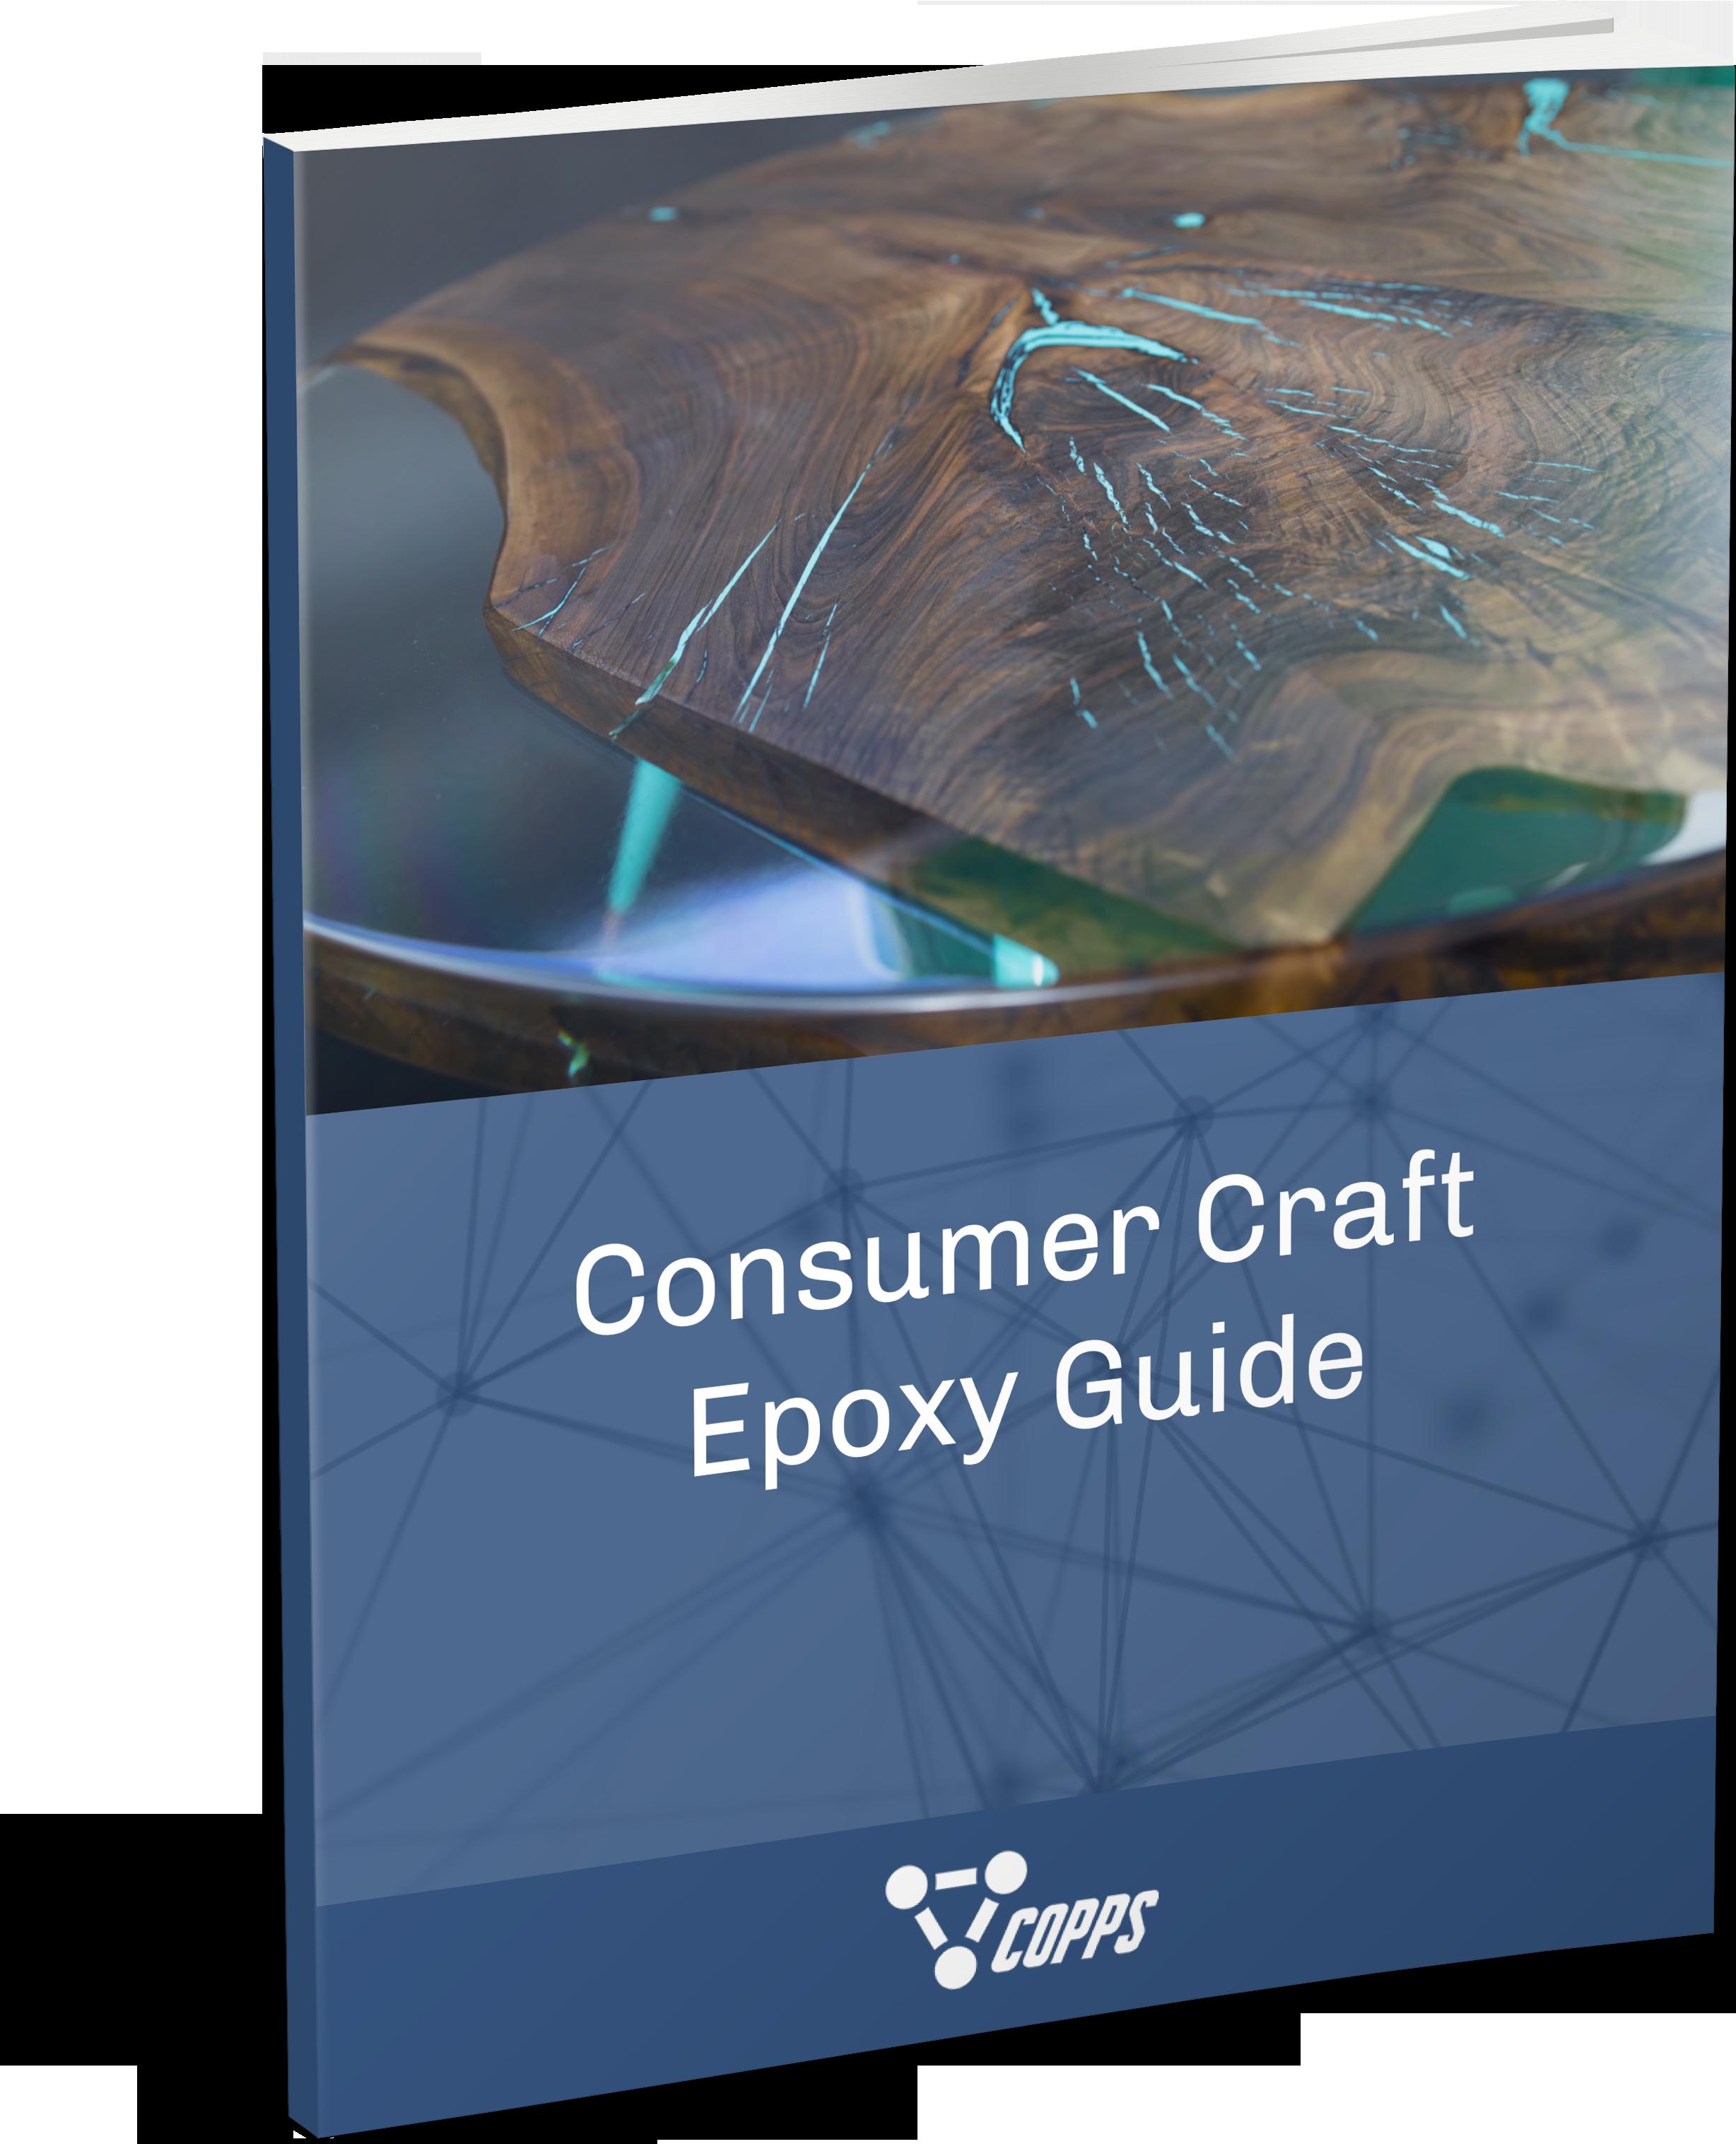 Consumer-Craft-Epoxy-Guide